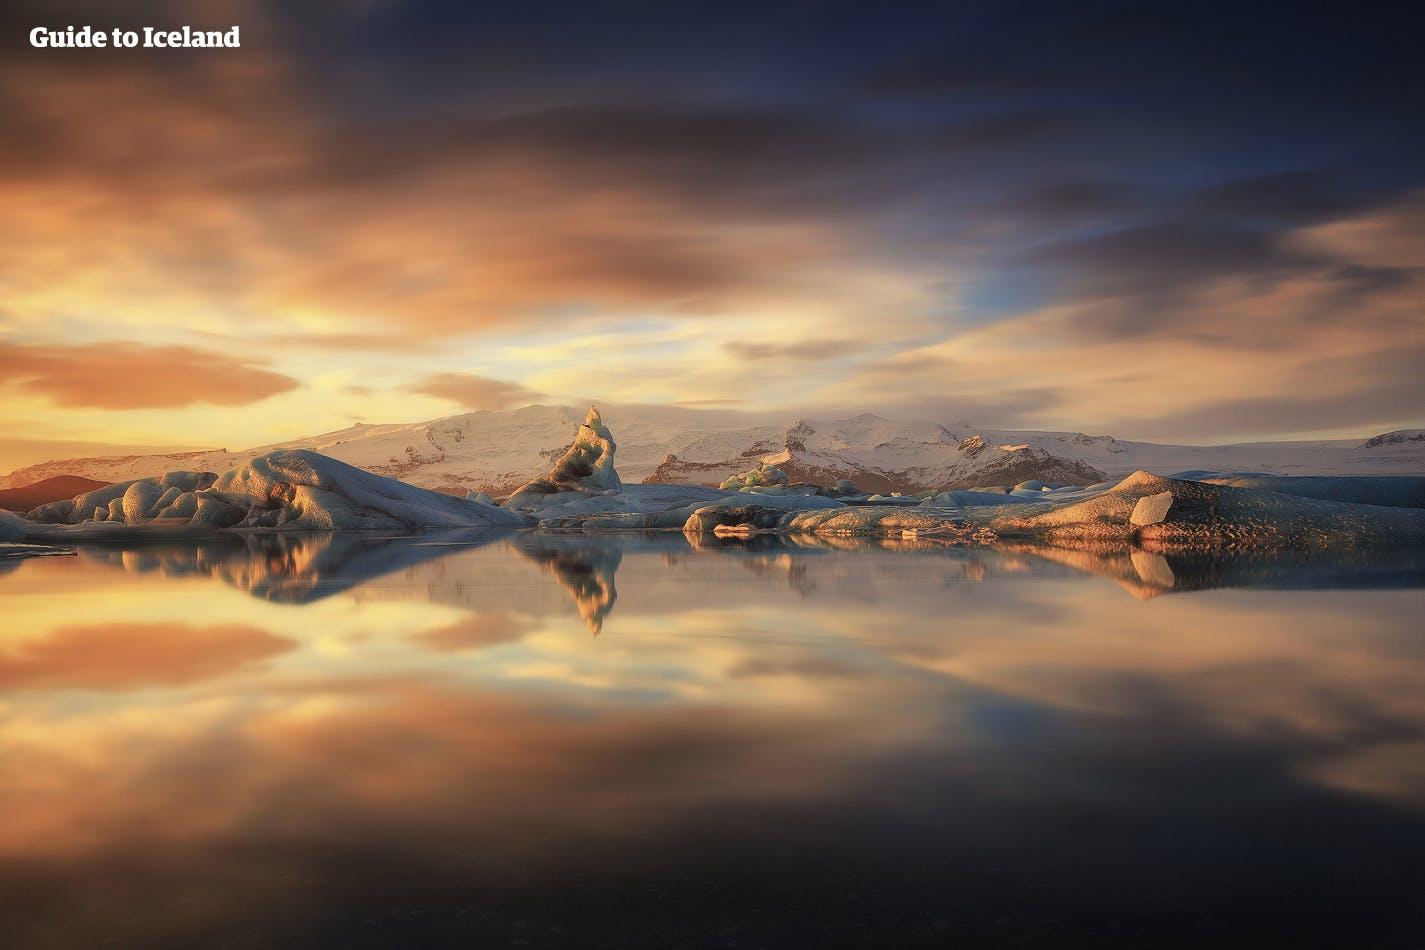 มั่นใจได้เลยว่าทะเลสาบน้ำแข็งโจกุลซาลอนจะเป็นหนึ่งในความสถานที่แห่งความทรงจำในช่วงการผจญภัย 8 วันของคุณ